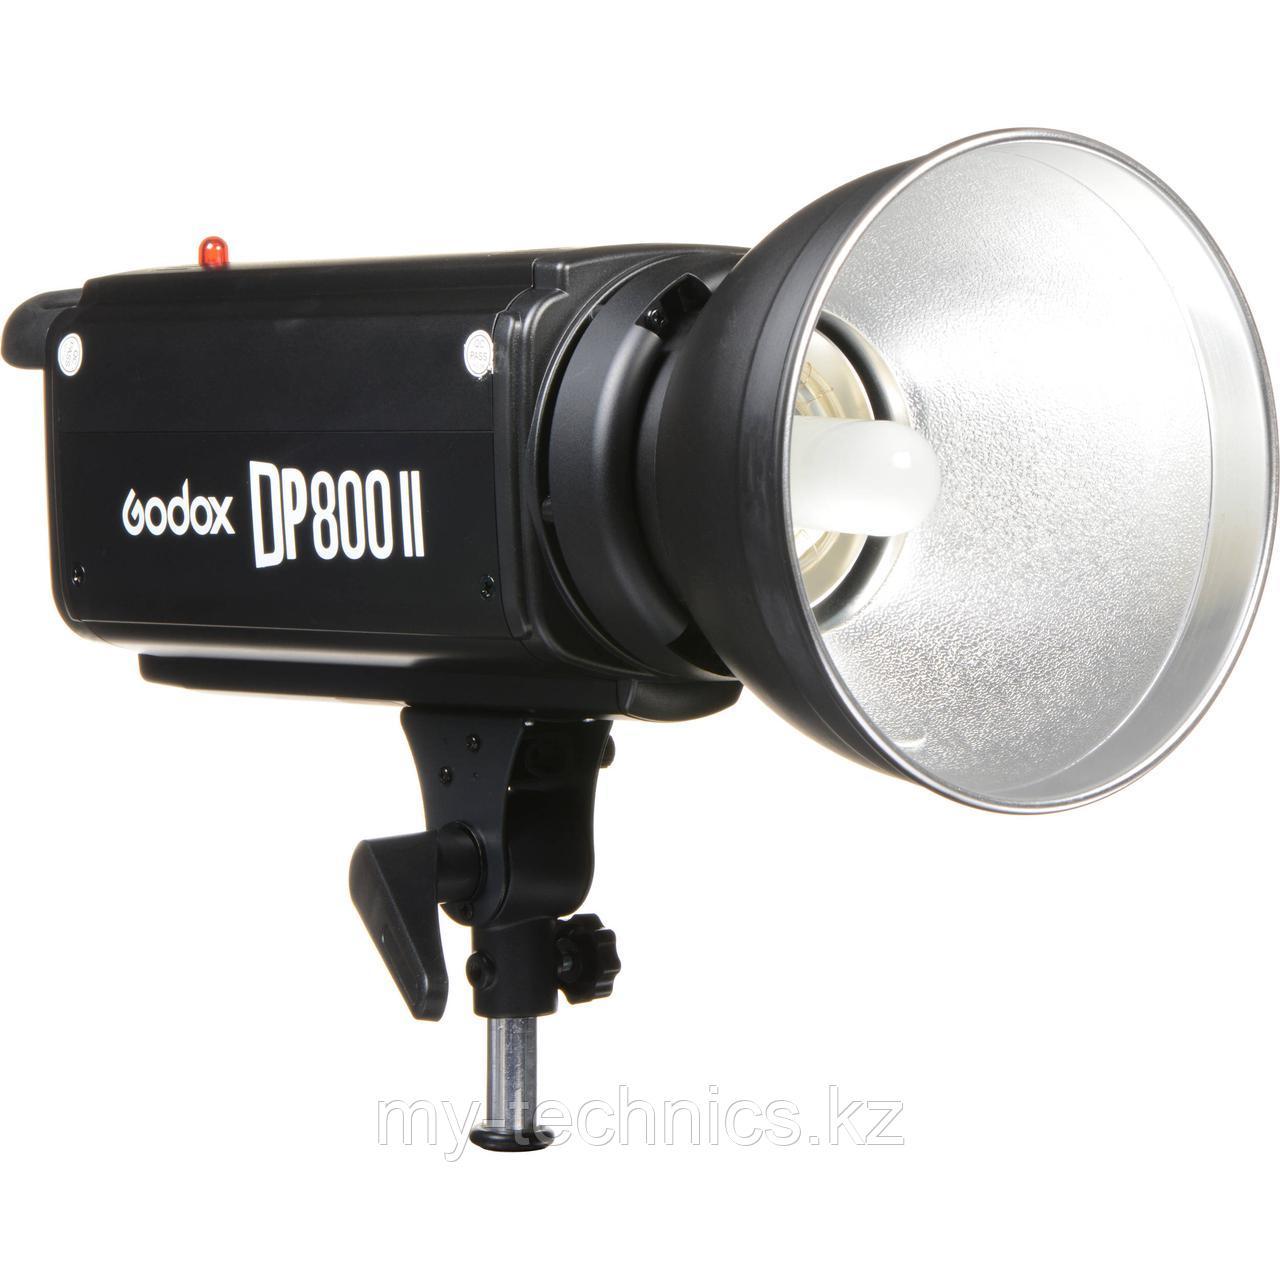 Импульсный свет GODOX DP-800II